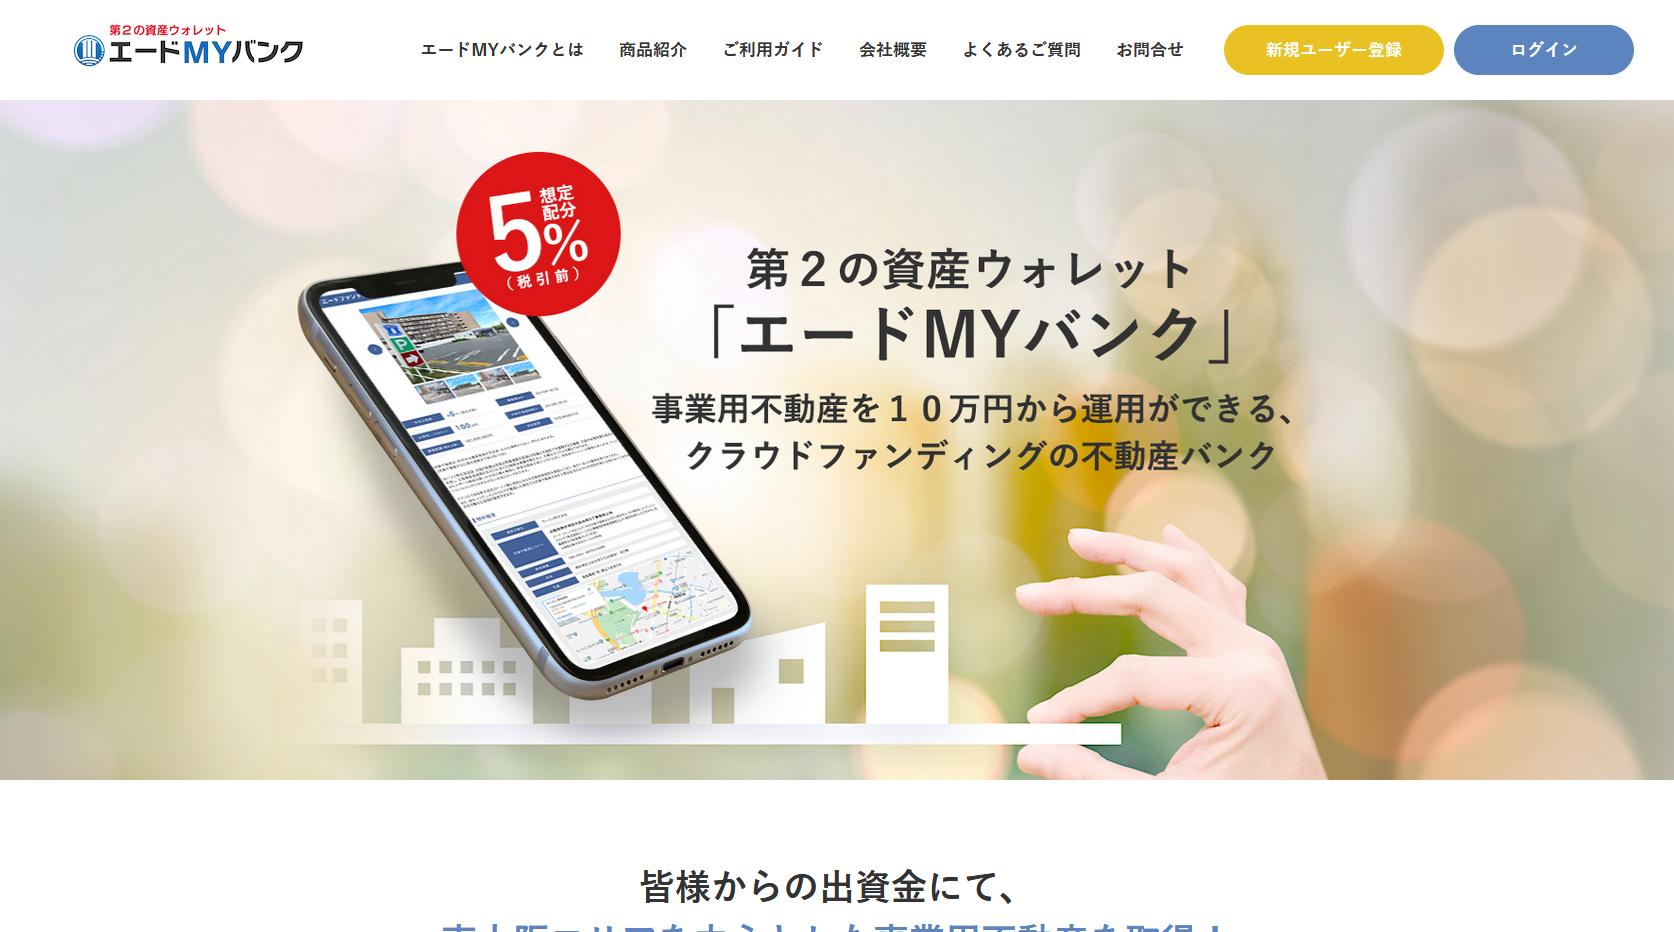 エードMYバンク - aidmybank